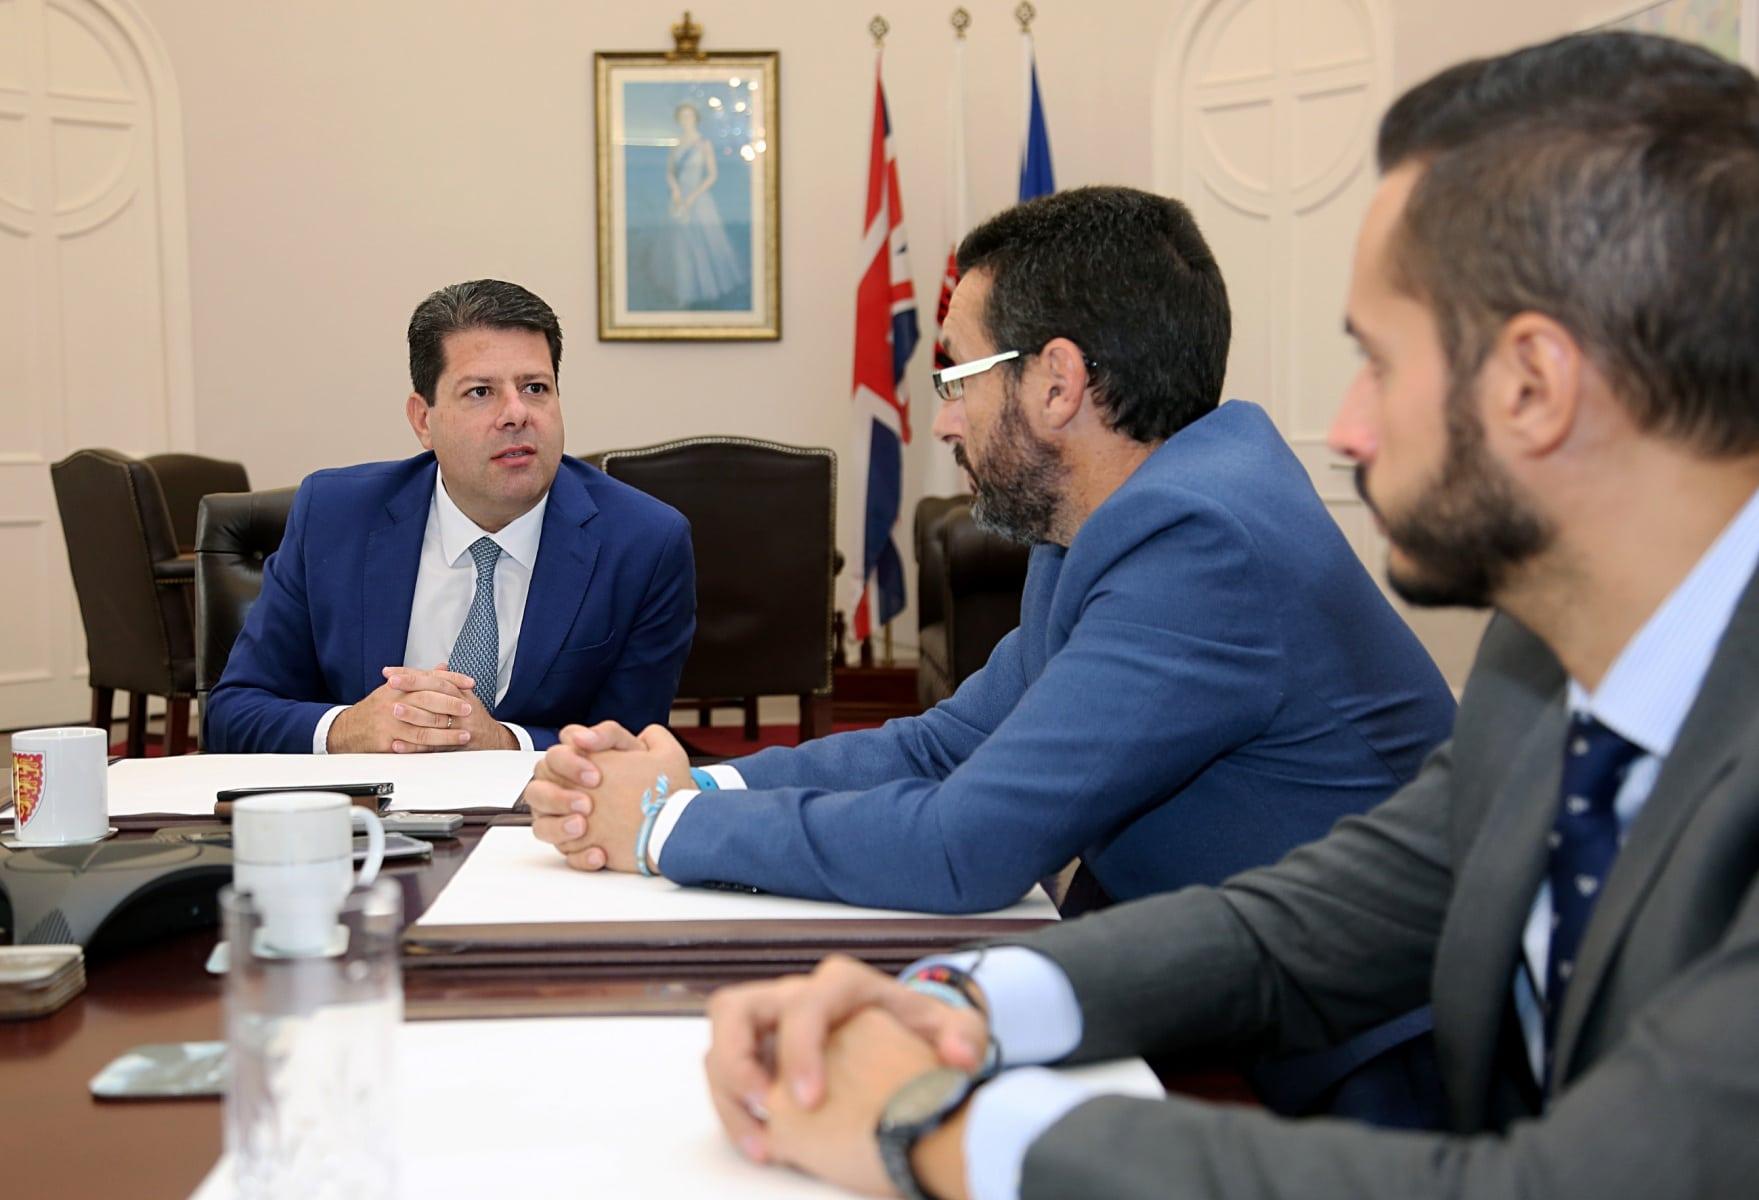 visita-del-alcalde-de-la-lnea-al-ministro-principal-de-gibraltar_48954055458_o